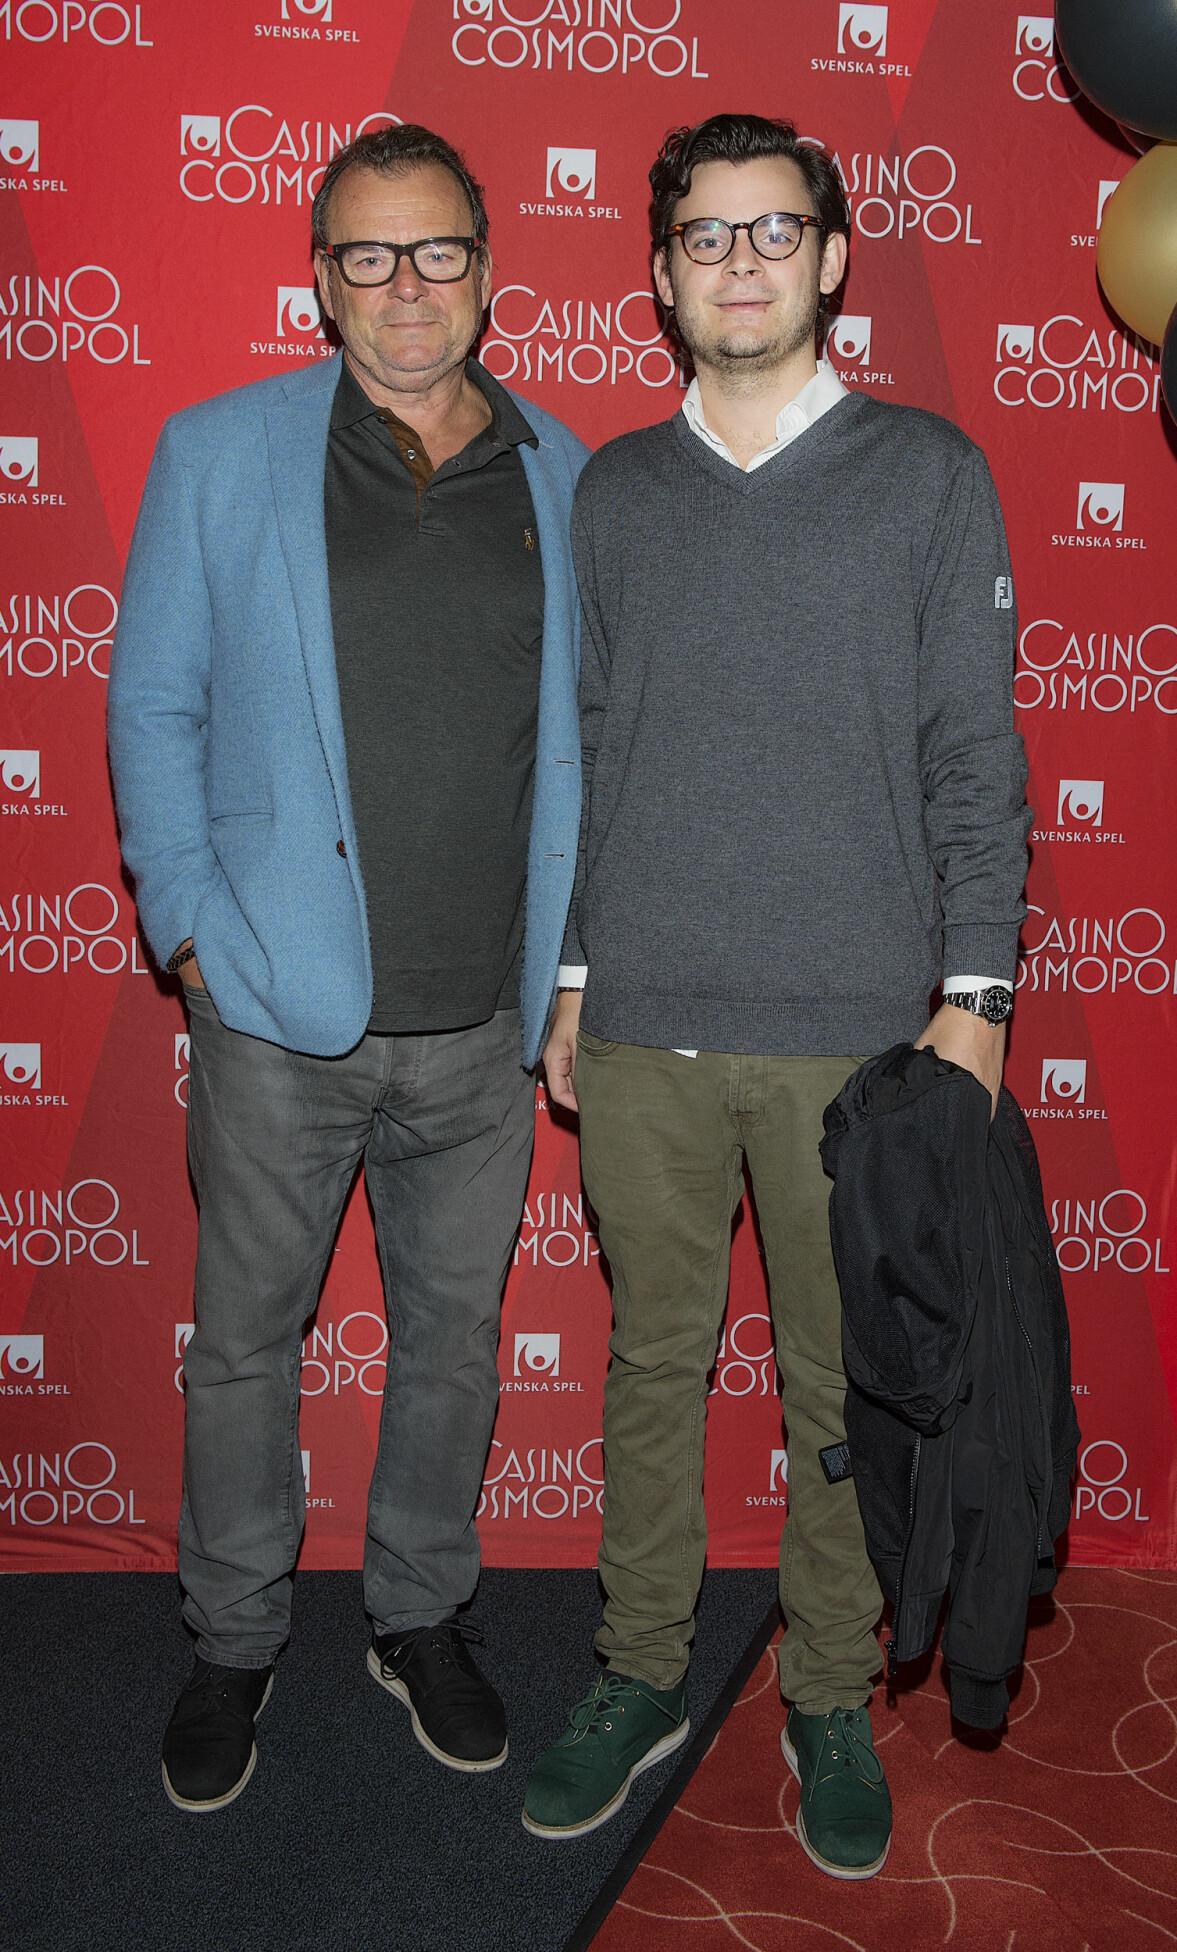 Steffo Törnquist och sonen Max Törnquist under en lunchinvigning av Casino Cosmopol 2017.